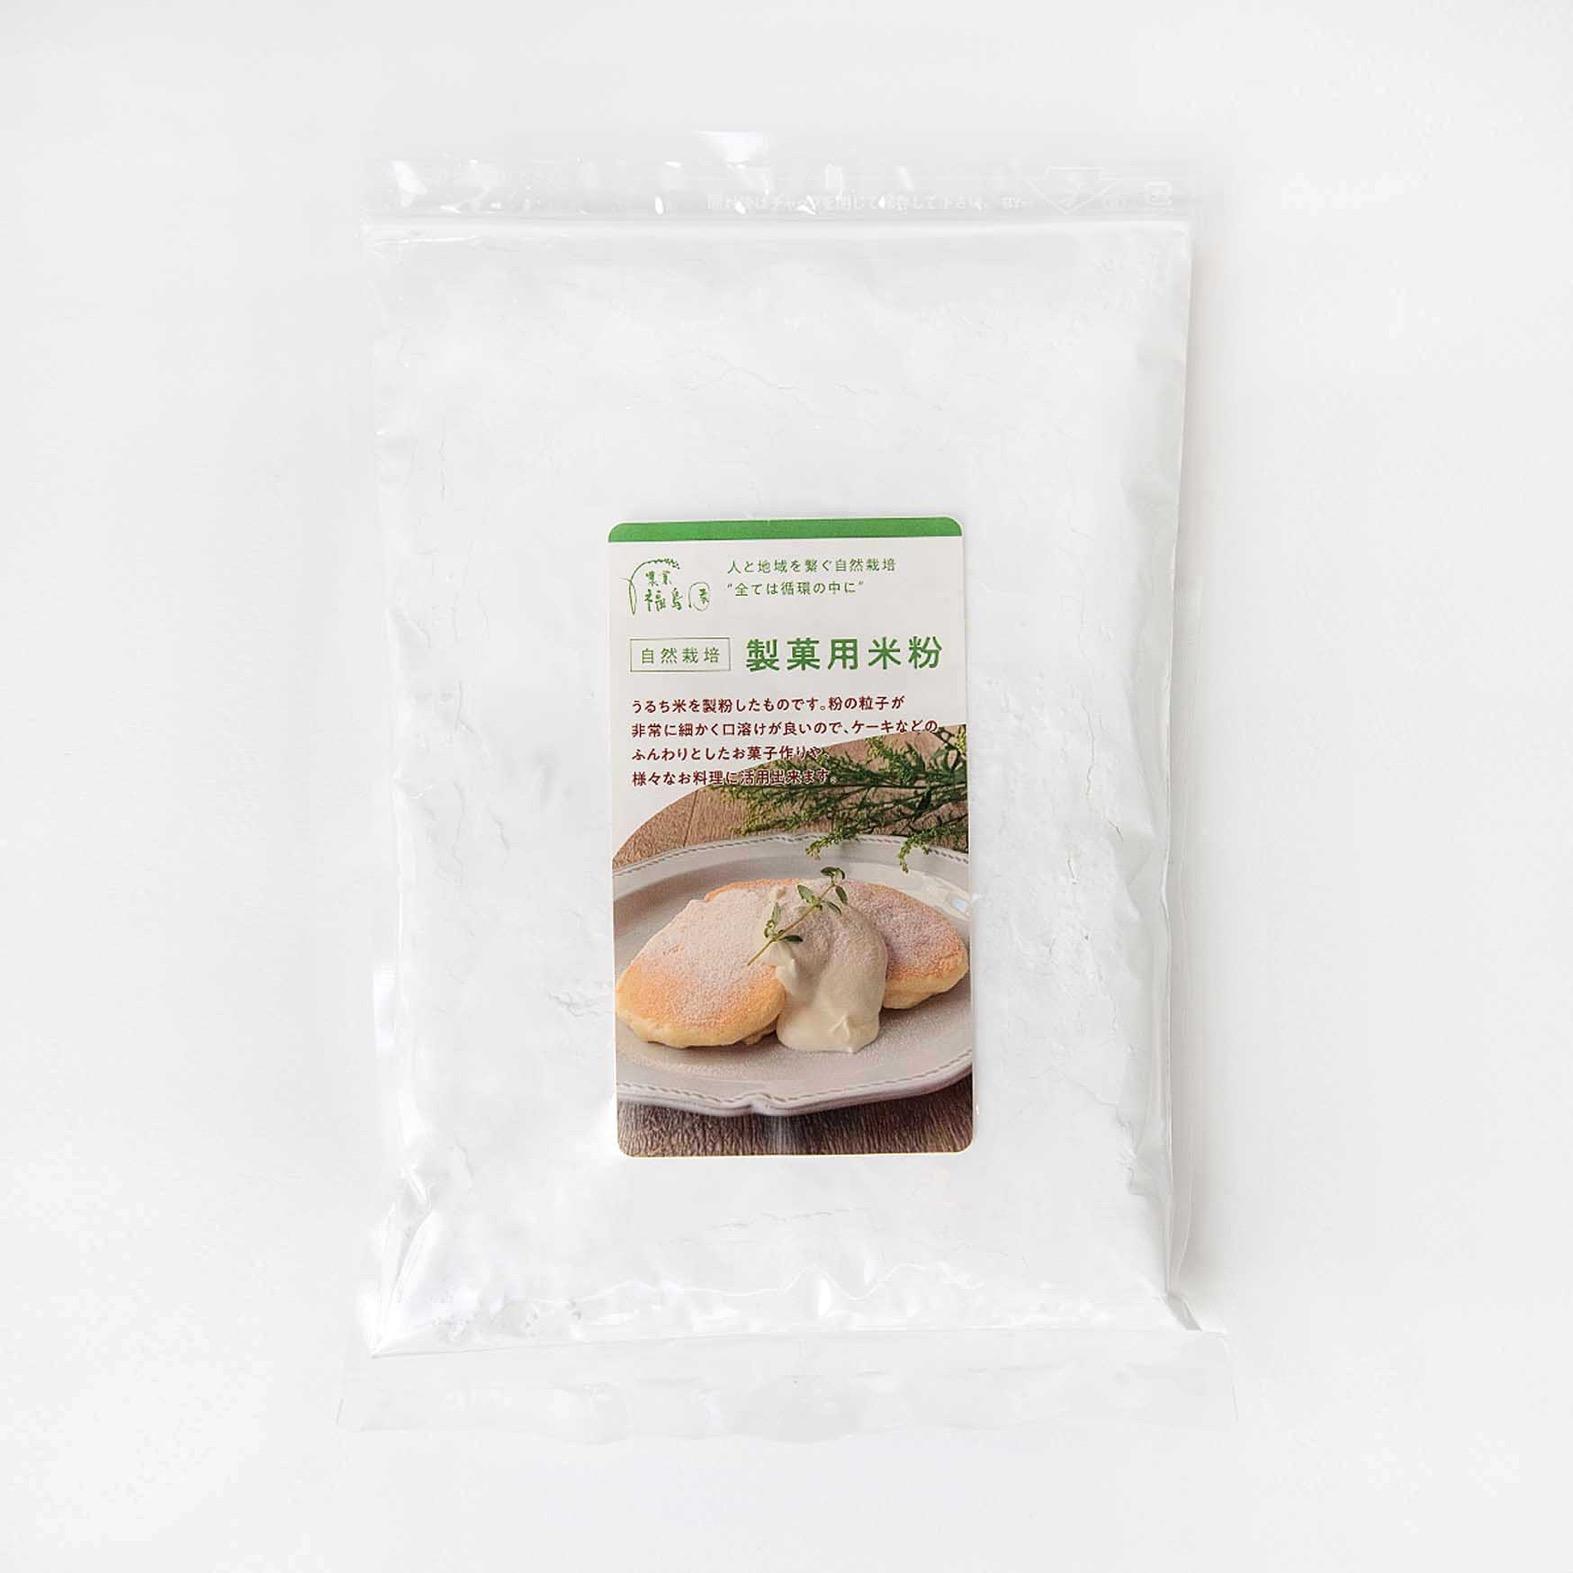 農業福島園の製菓用米粉 品種:正信 400g